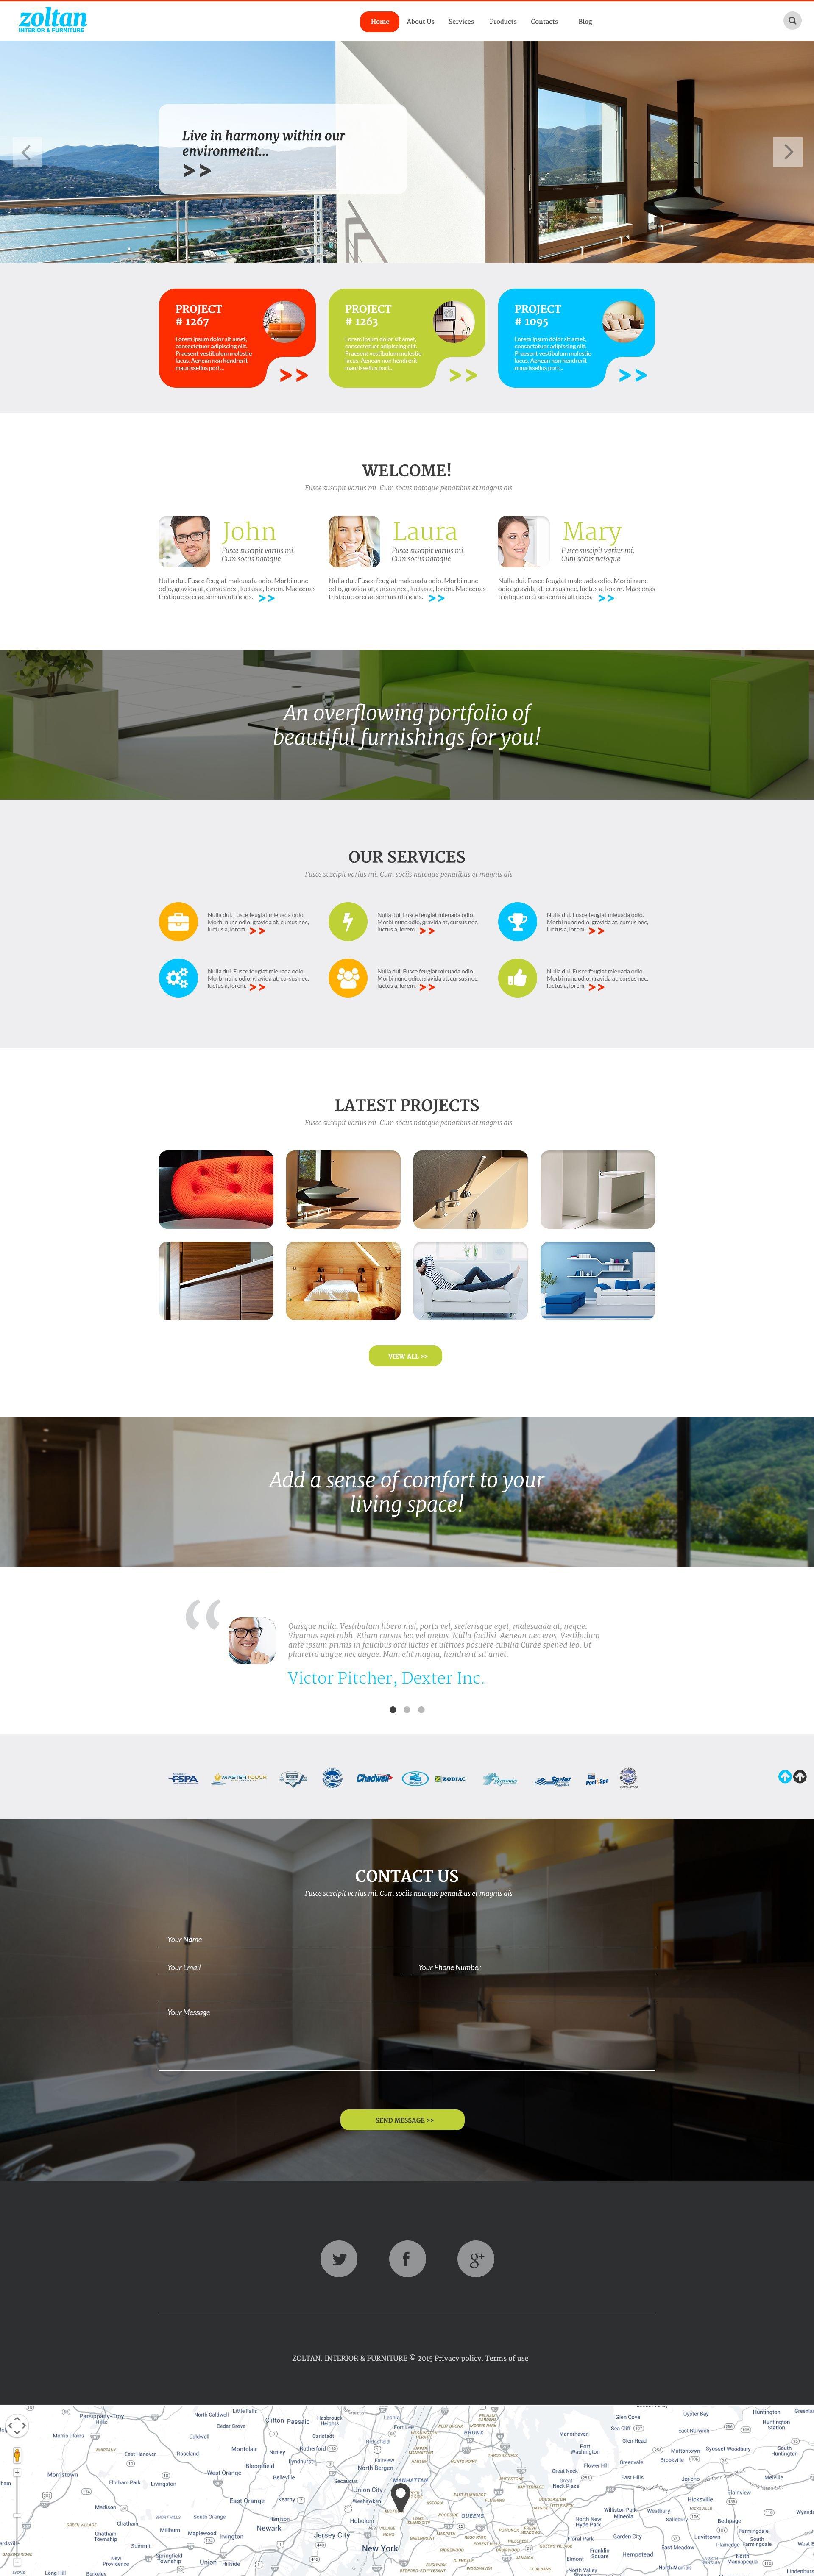 Zoltan WordPress Theme